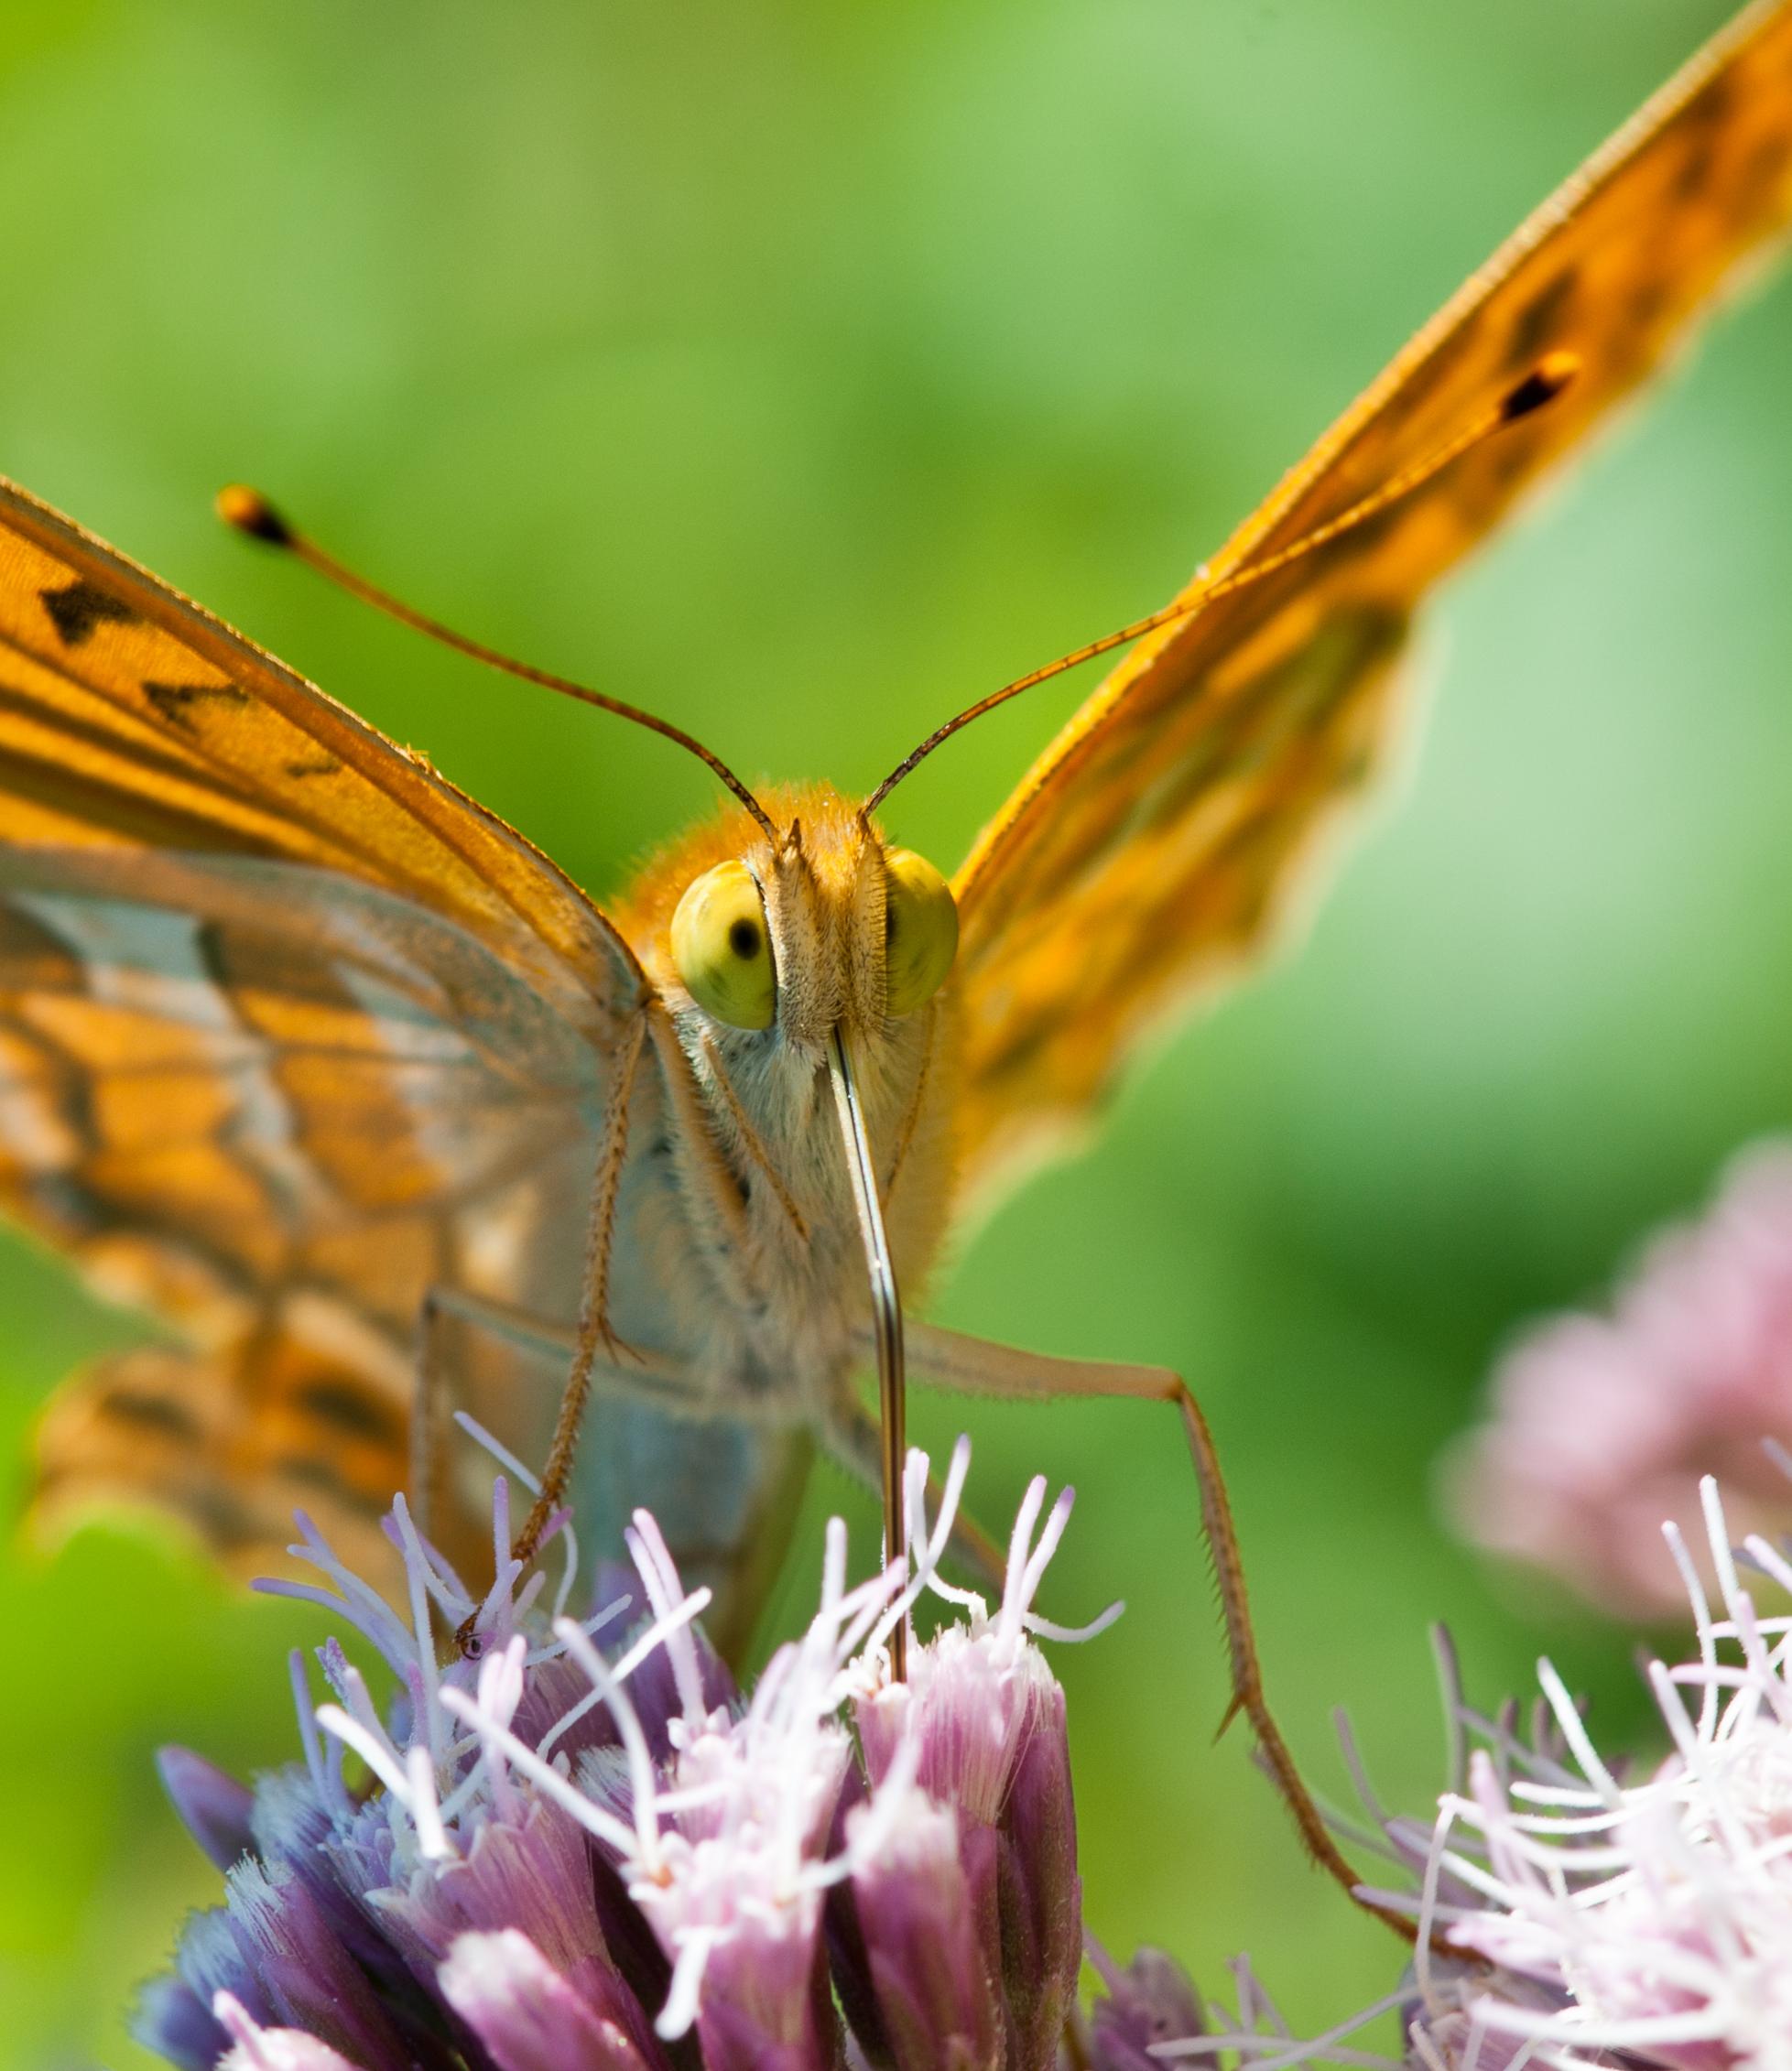 Butterfly_5978550221_o